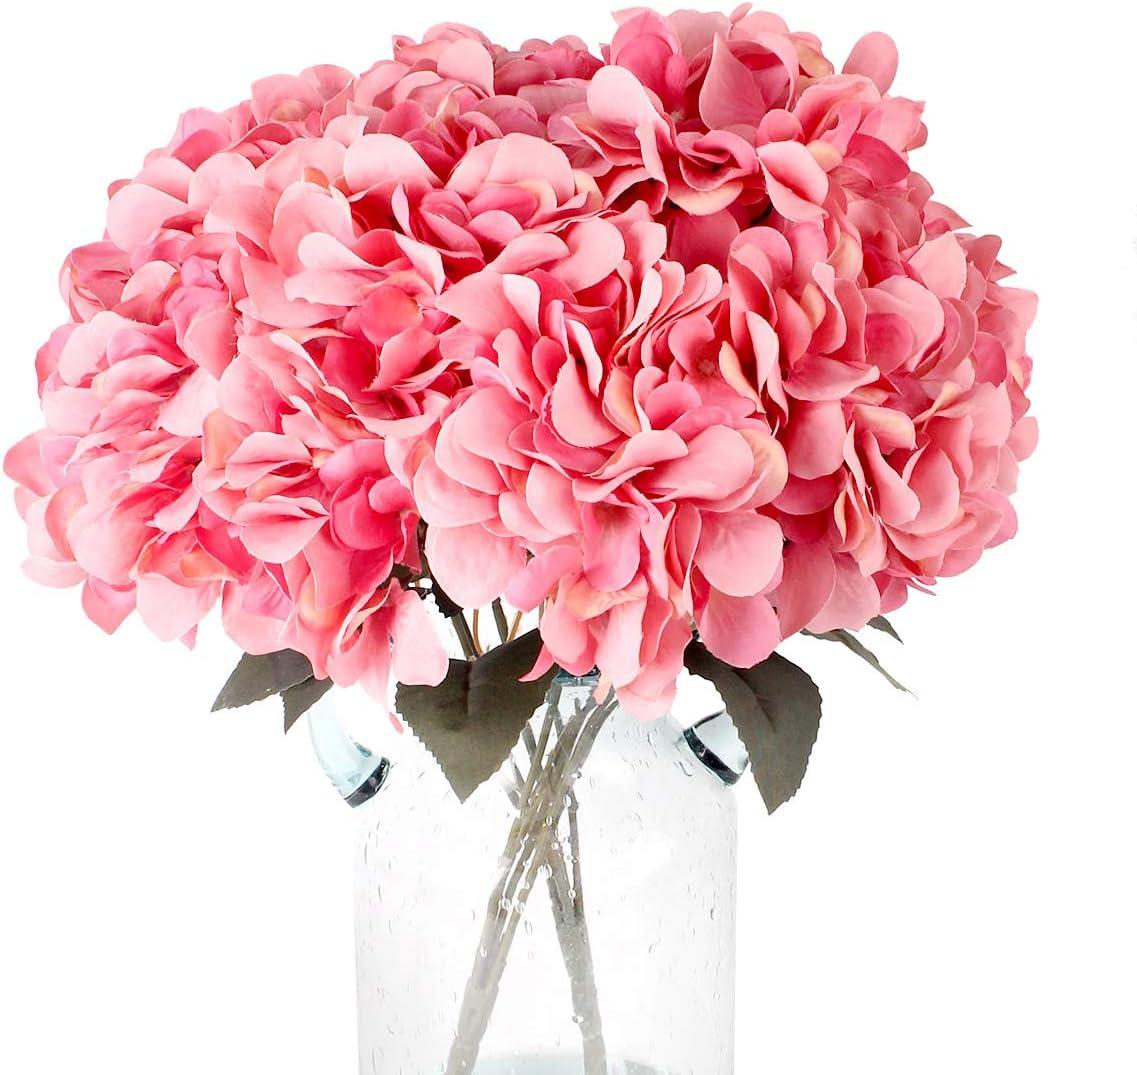 Artificial Hydrangea Flower Pink Bounquet